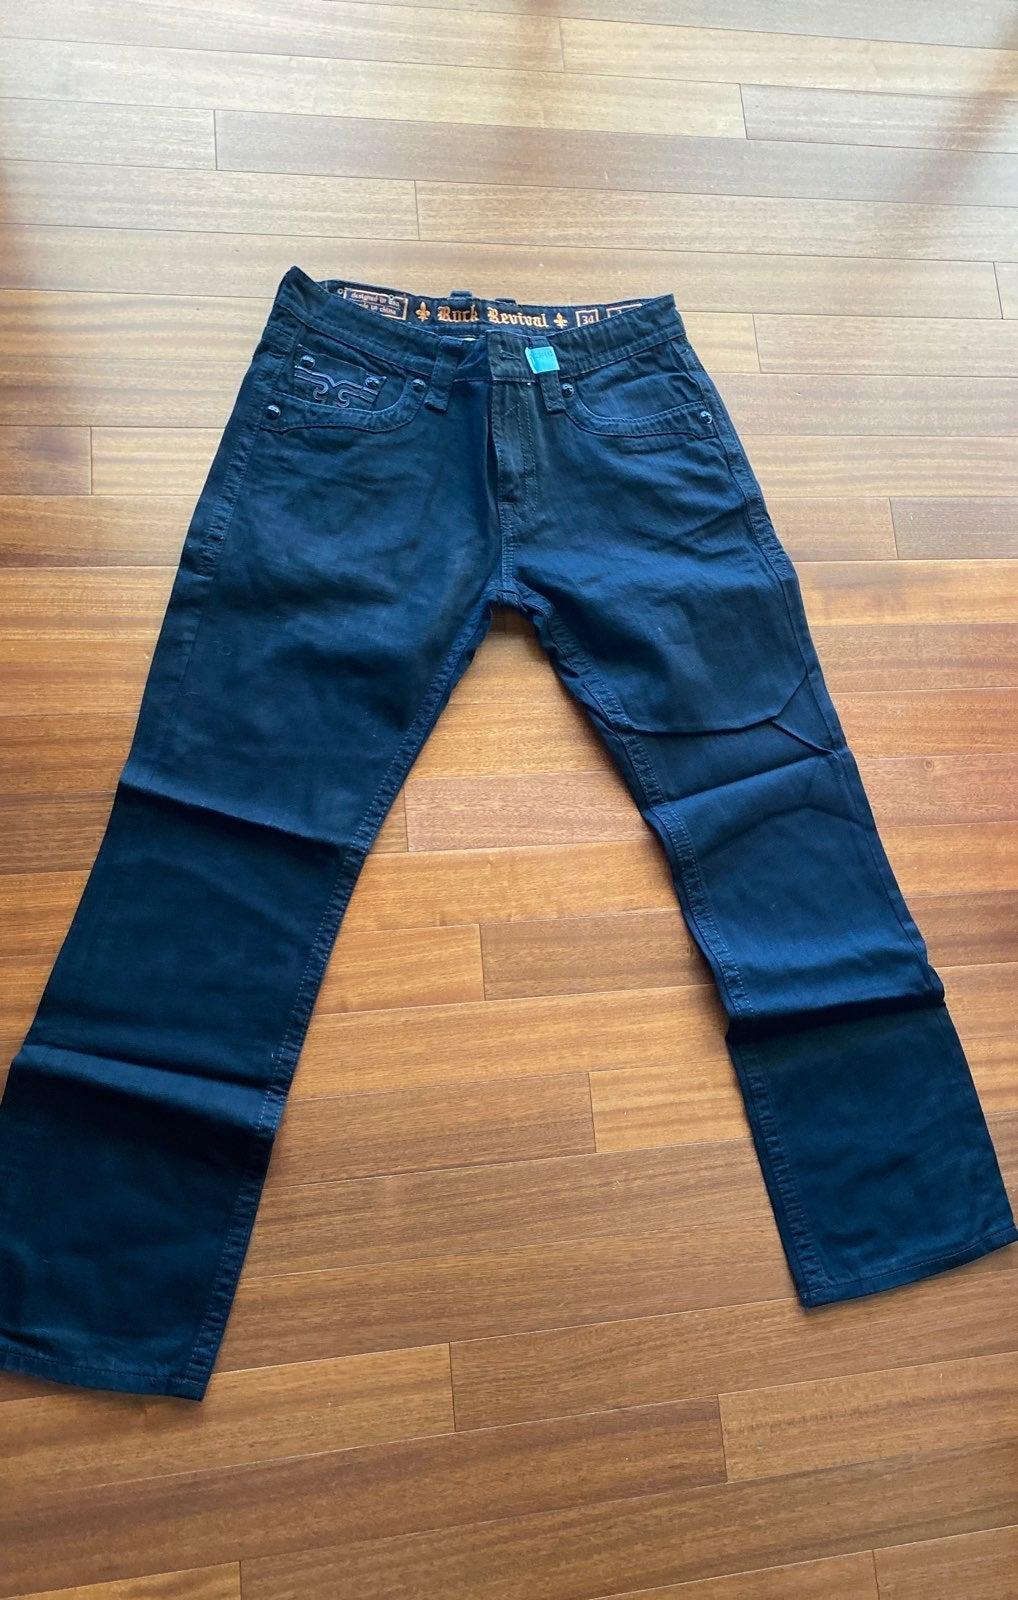 jeans men 34x34